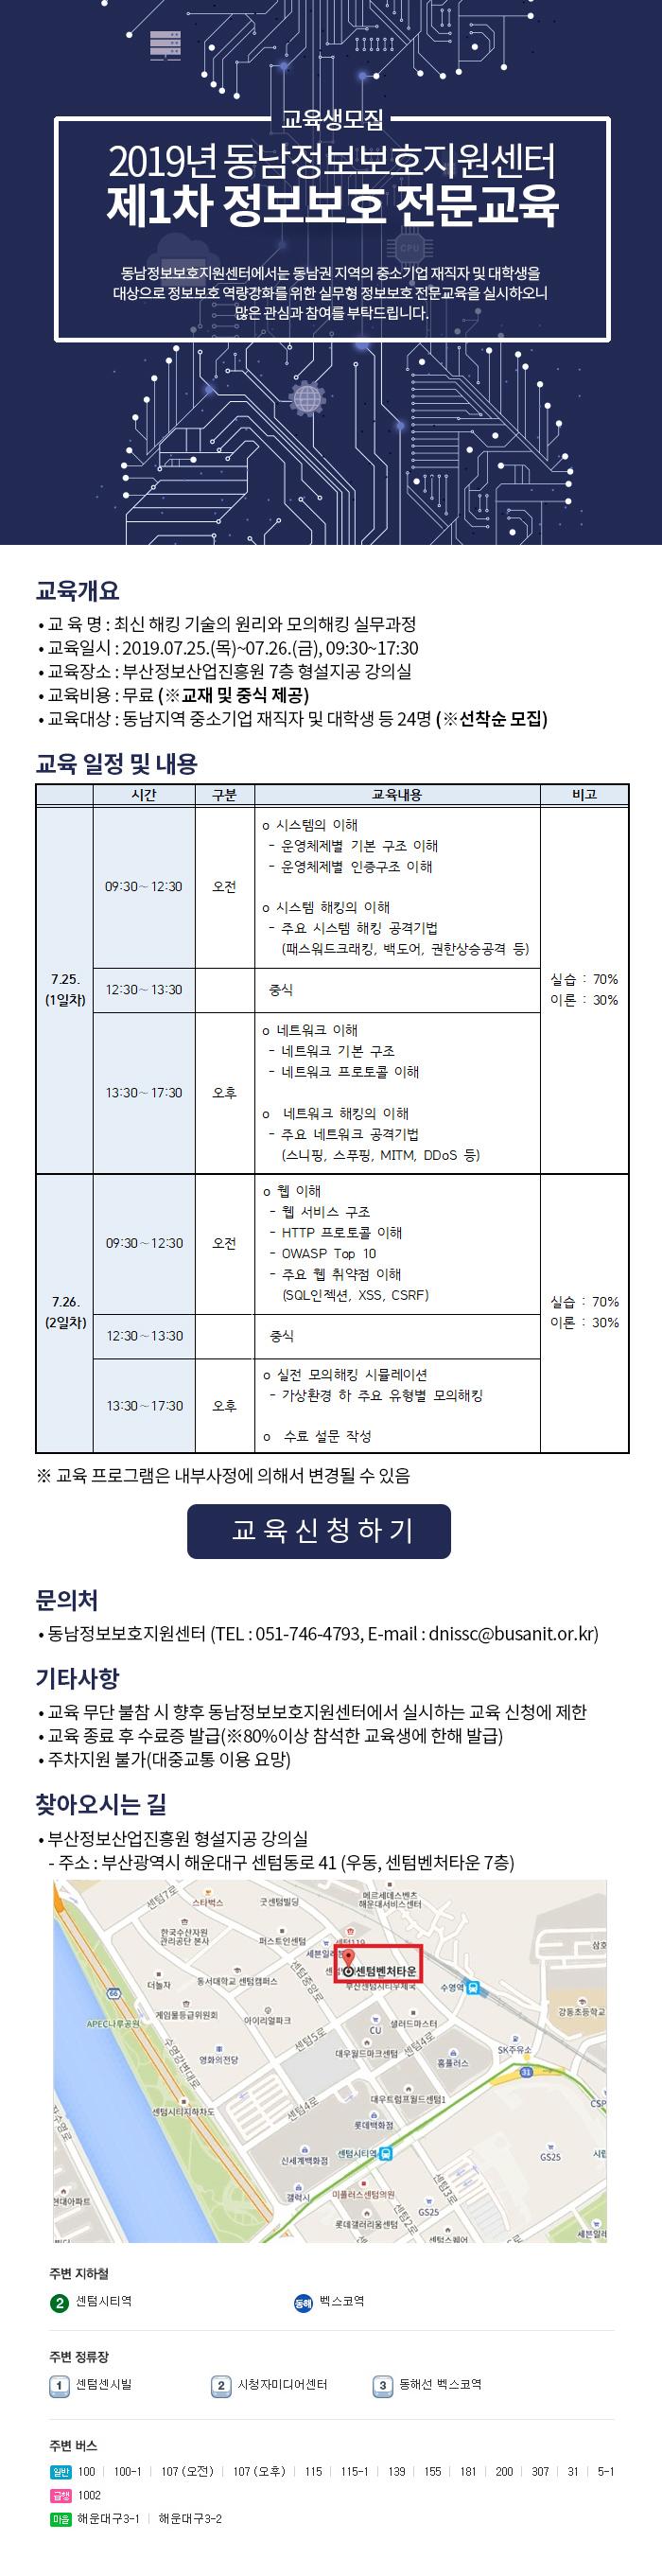 2019년 동남정보보호지원센터 제1회 정보보호 전문교육(교육생 모집)